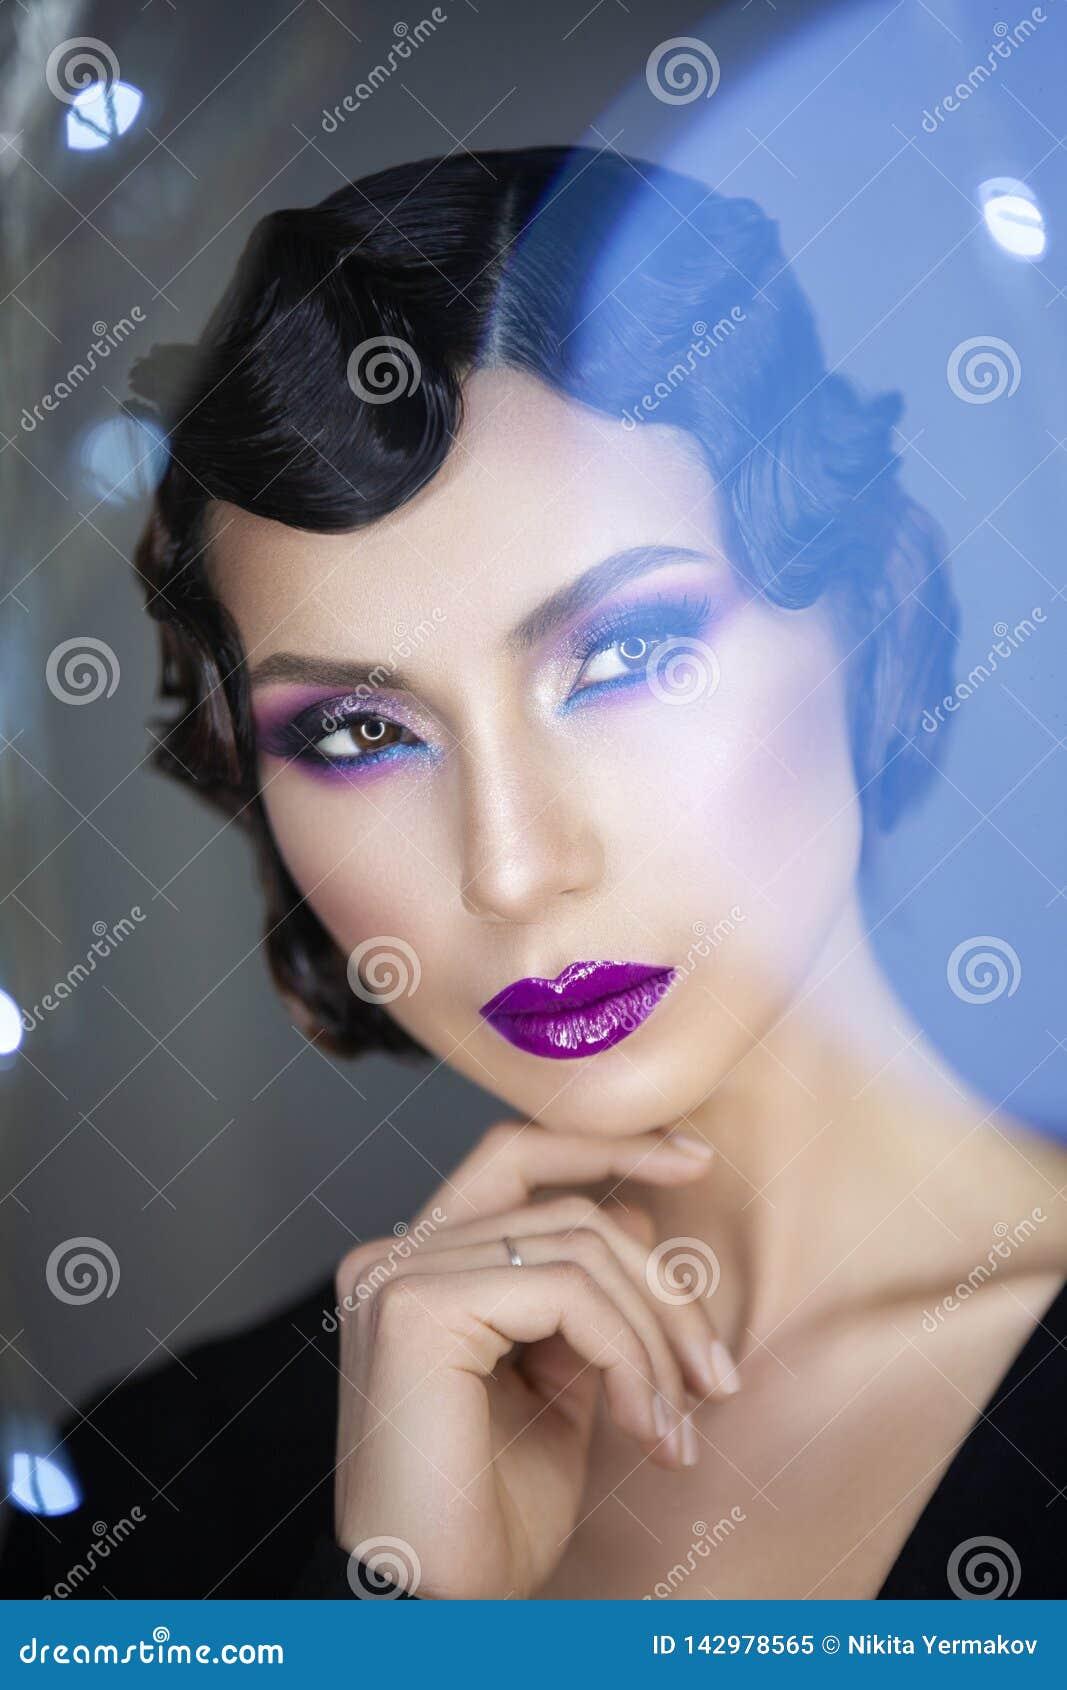 Σύγχρονο πορτρέτο ομορφιάς ενός κοριτσιού 30